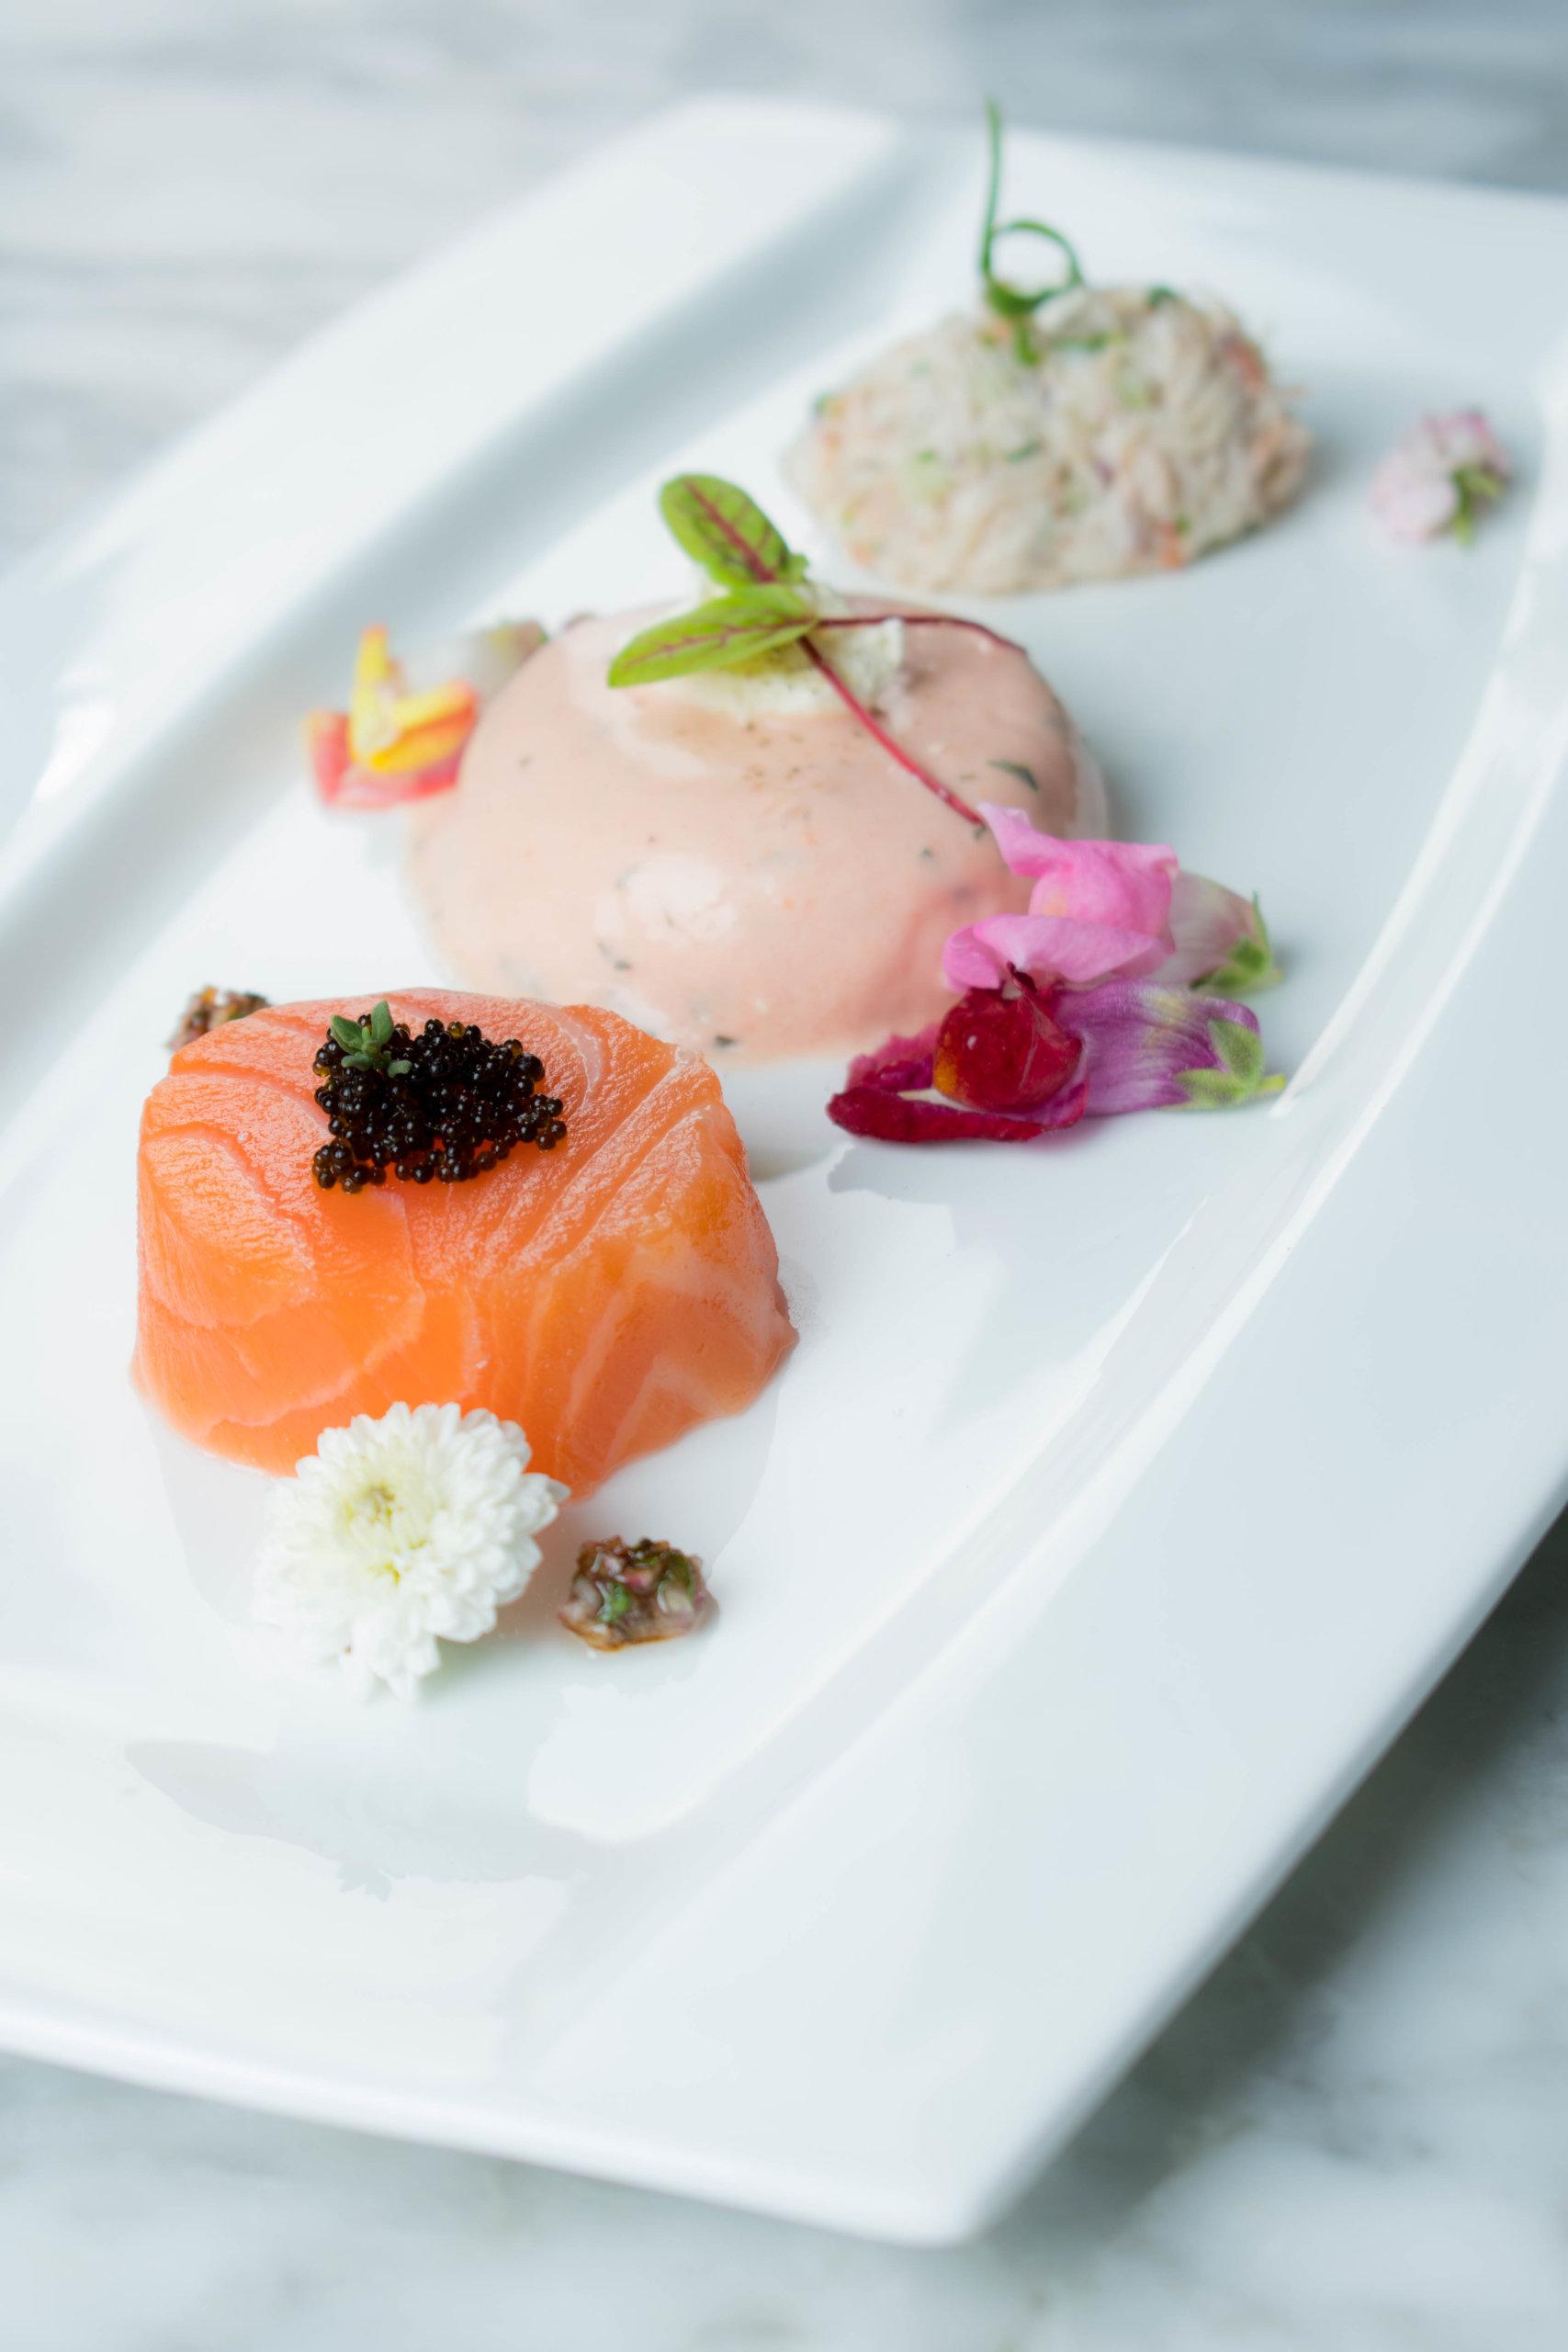 「海陸之戀」採用肥美的挪威鮭魚片,伴以清爽綿密的蕃茄羅勒慕斯,以及鮮味濃郁的阿拉斯加蟹肉,造就了一場鮮甜的味覺配搭。